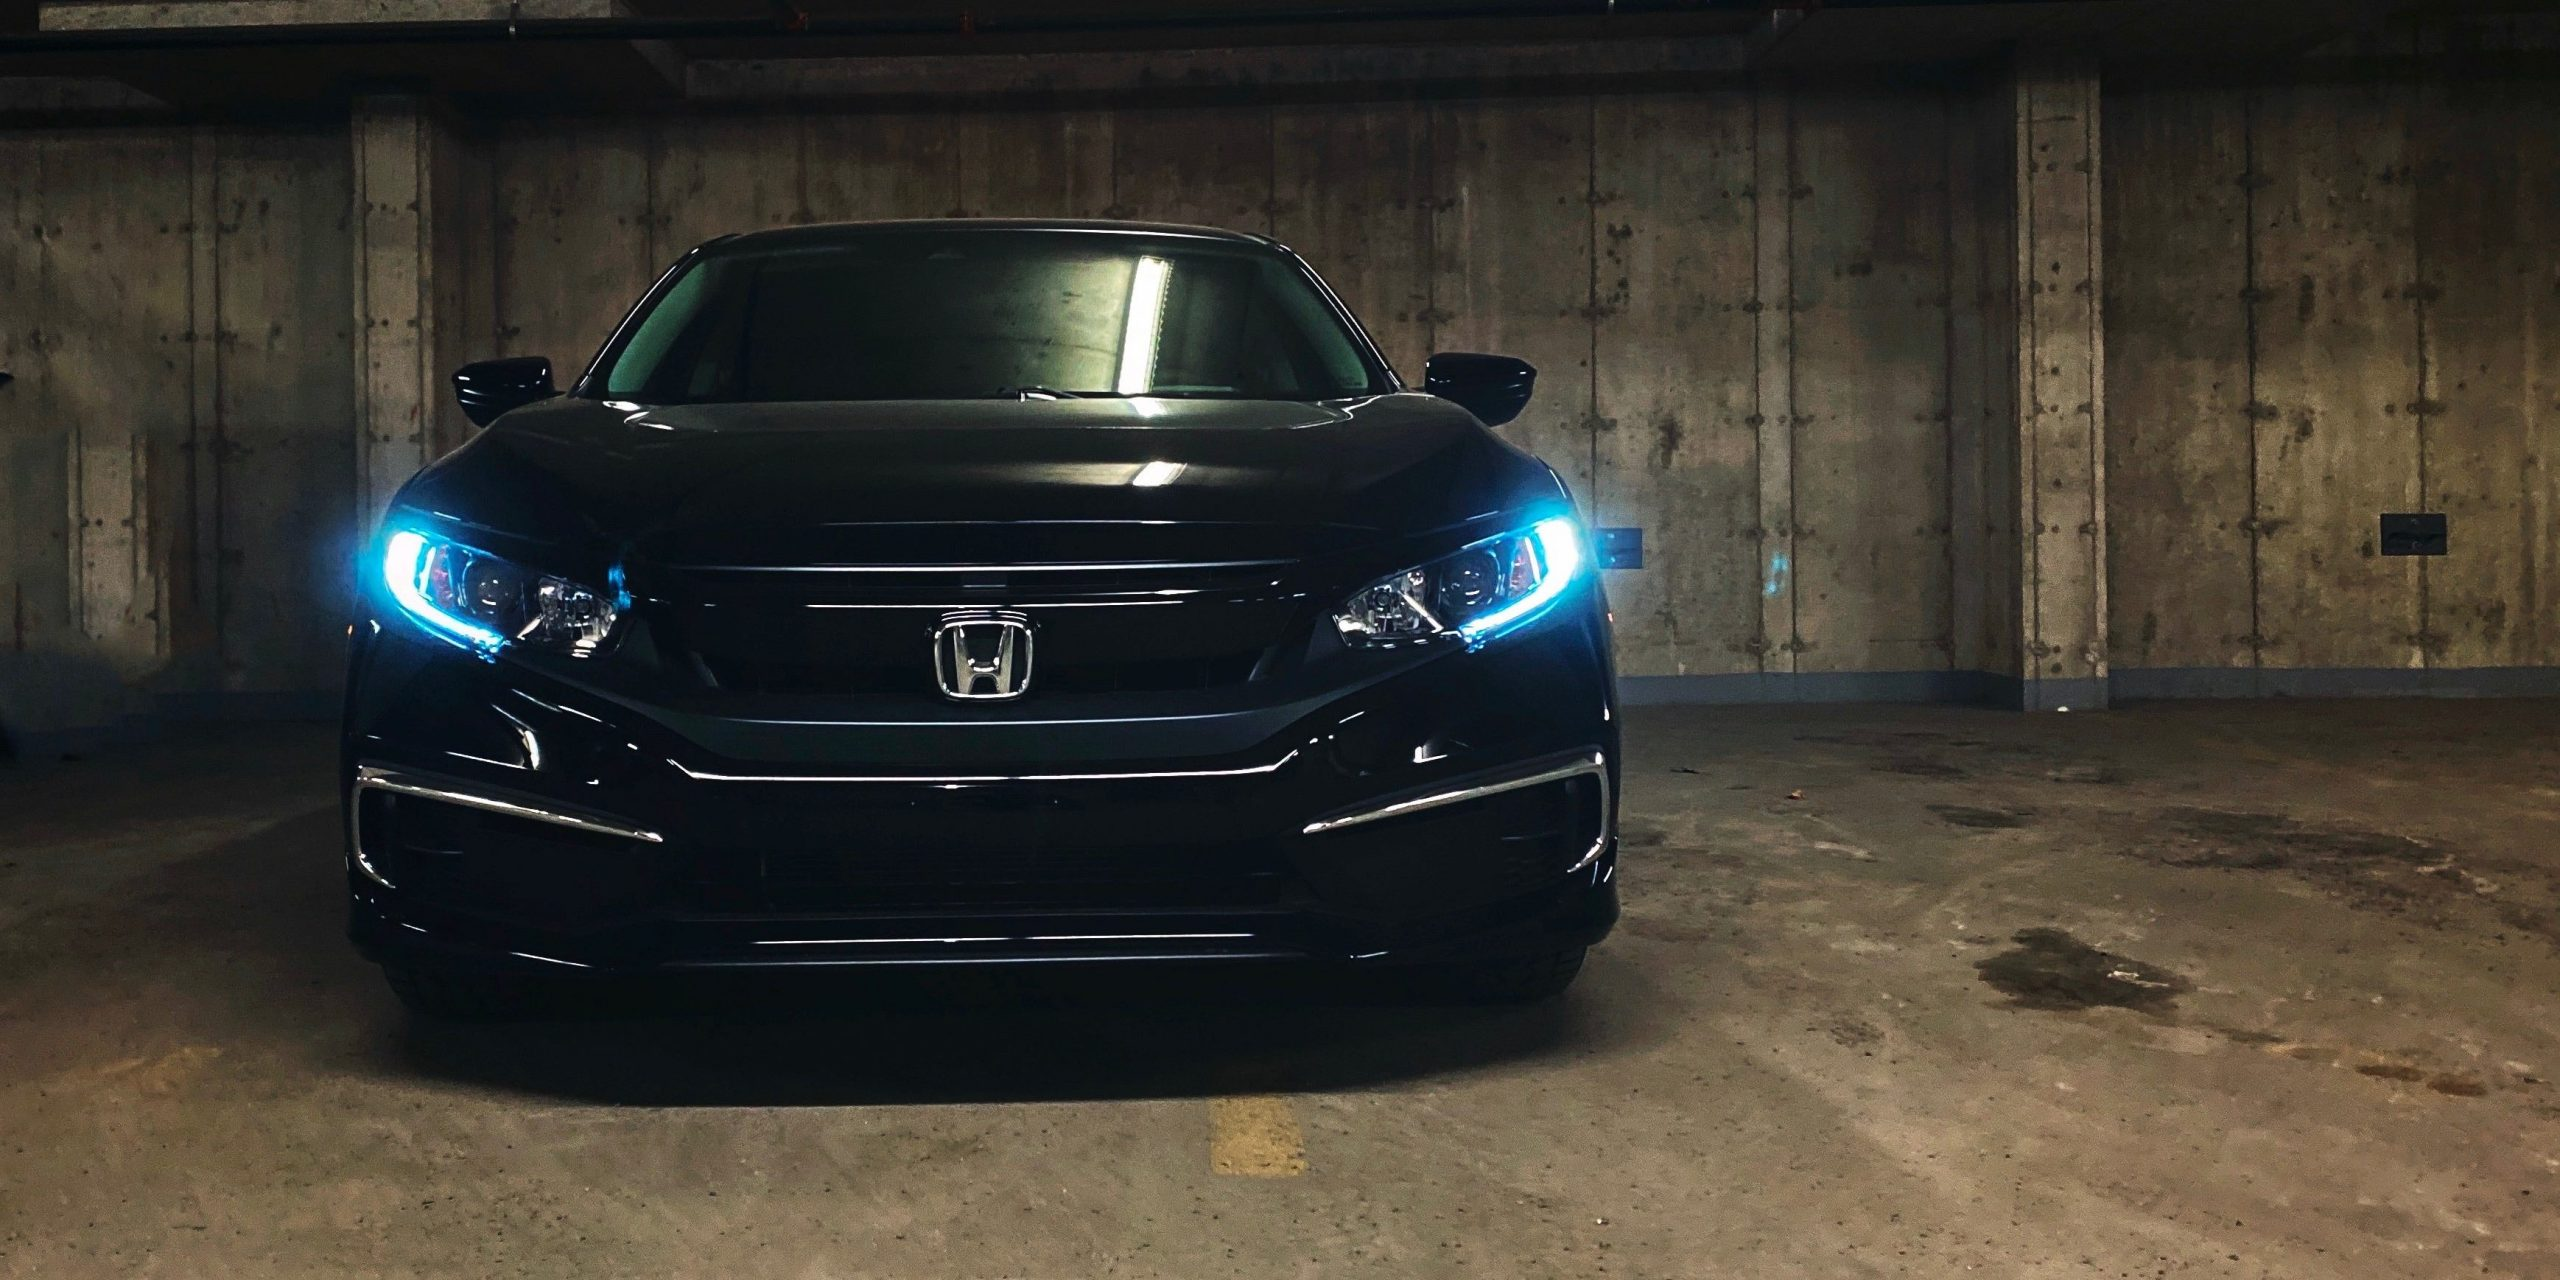 Honda первой в мире начнет продавать автомобили с третьим уровнем автоматизации